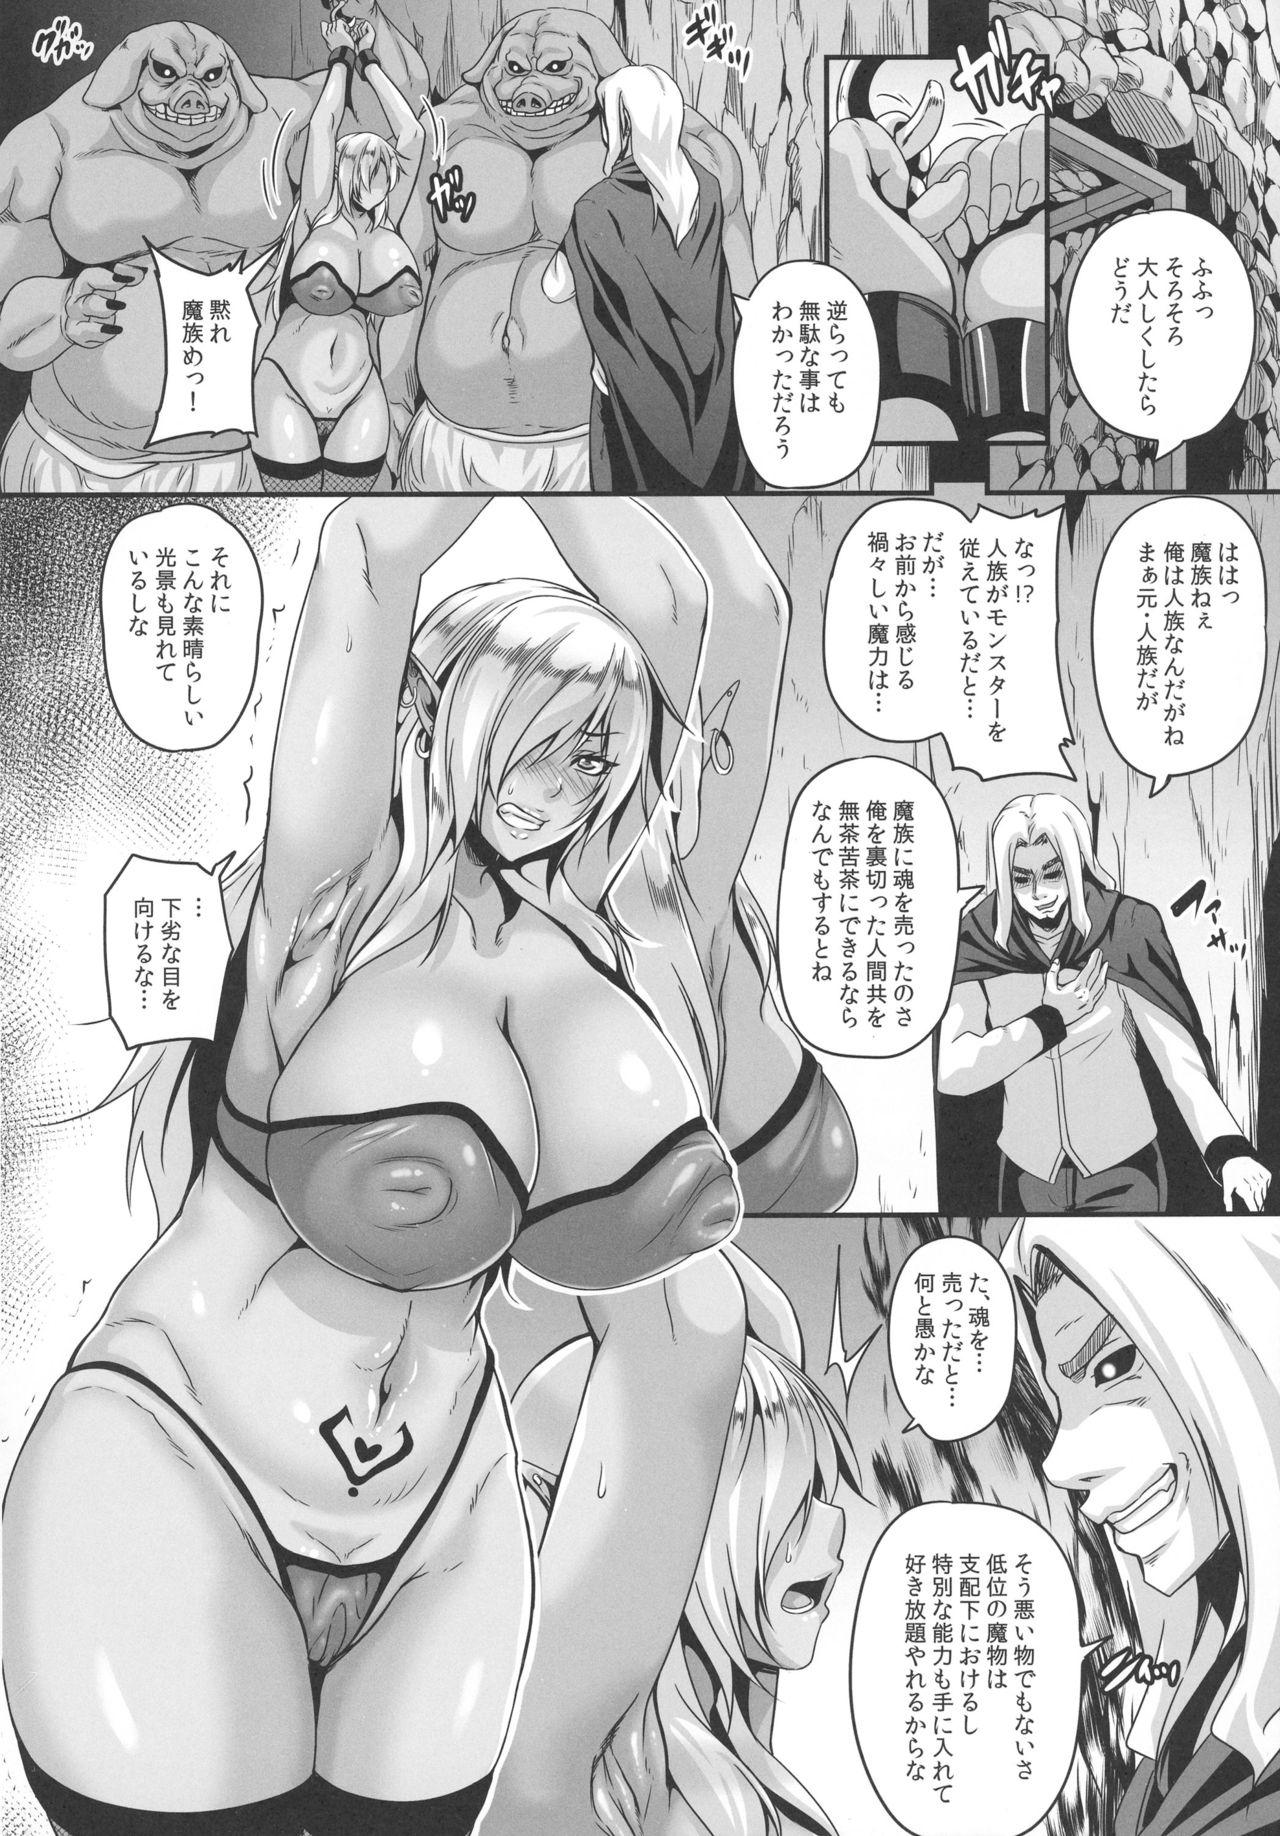 【エロ漫画・エロ同人誌】陥没乳首の巨乳エルフが魔族に拘束されて陵辱されまくりンゴwww (6)